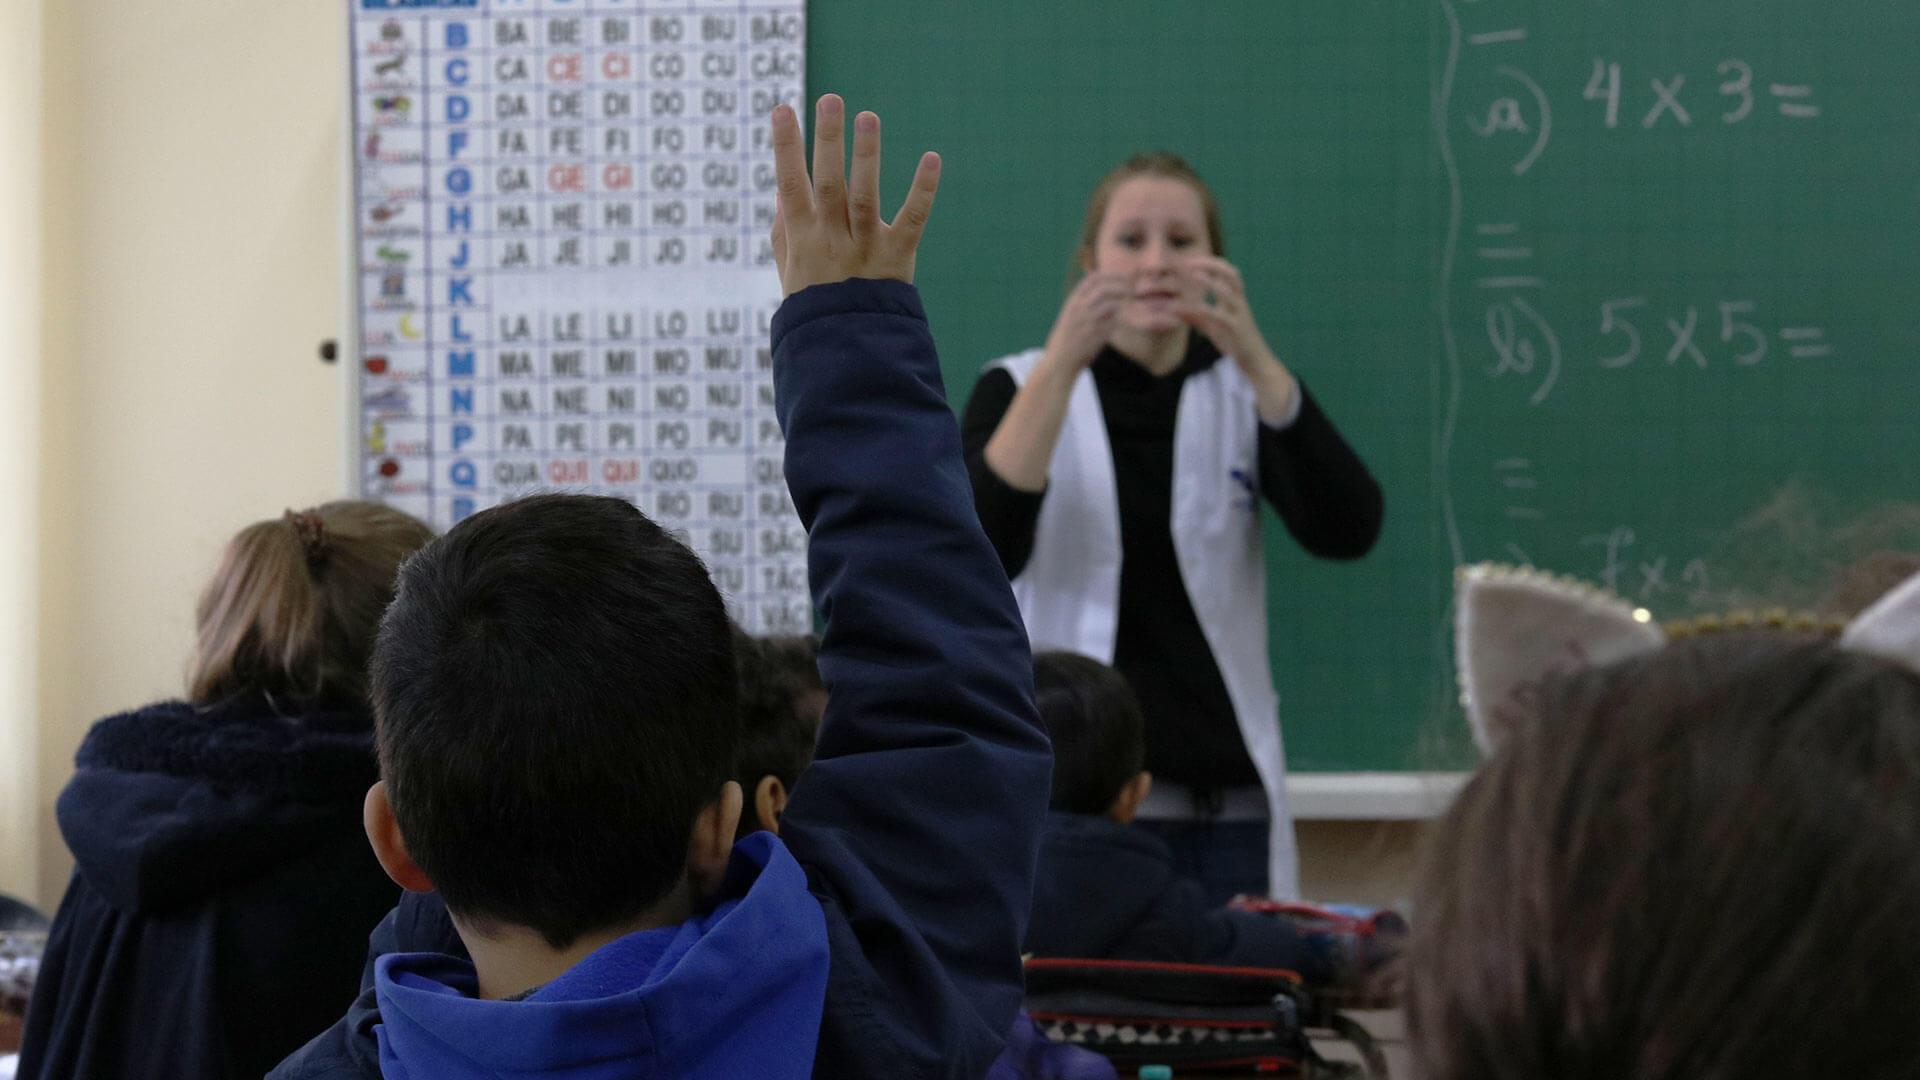 6 iniciativas que ajudam virar o jogo na educação